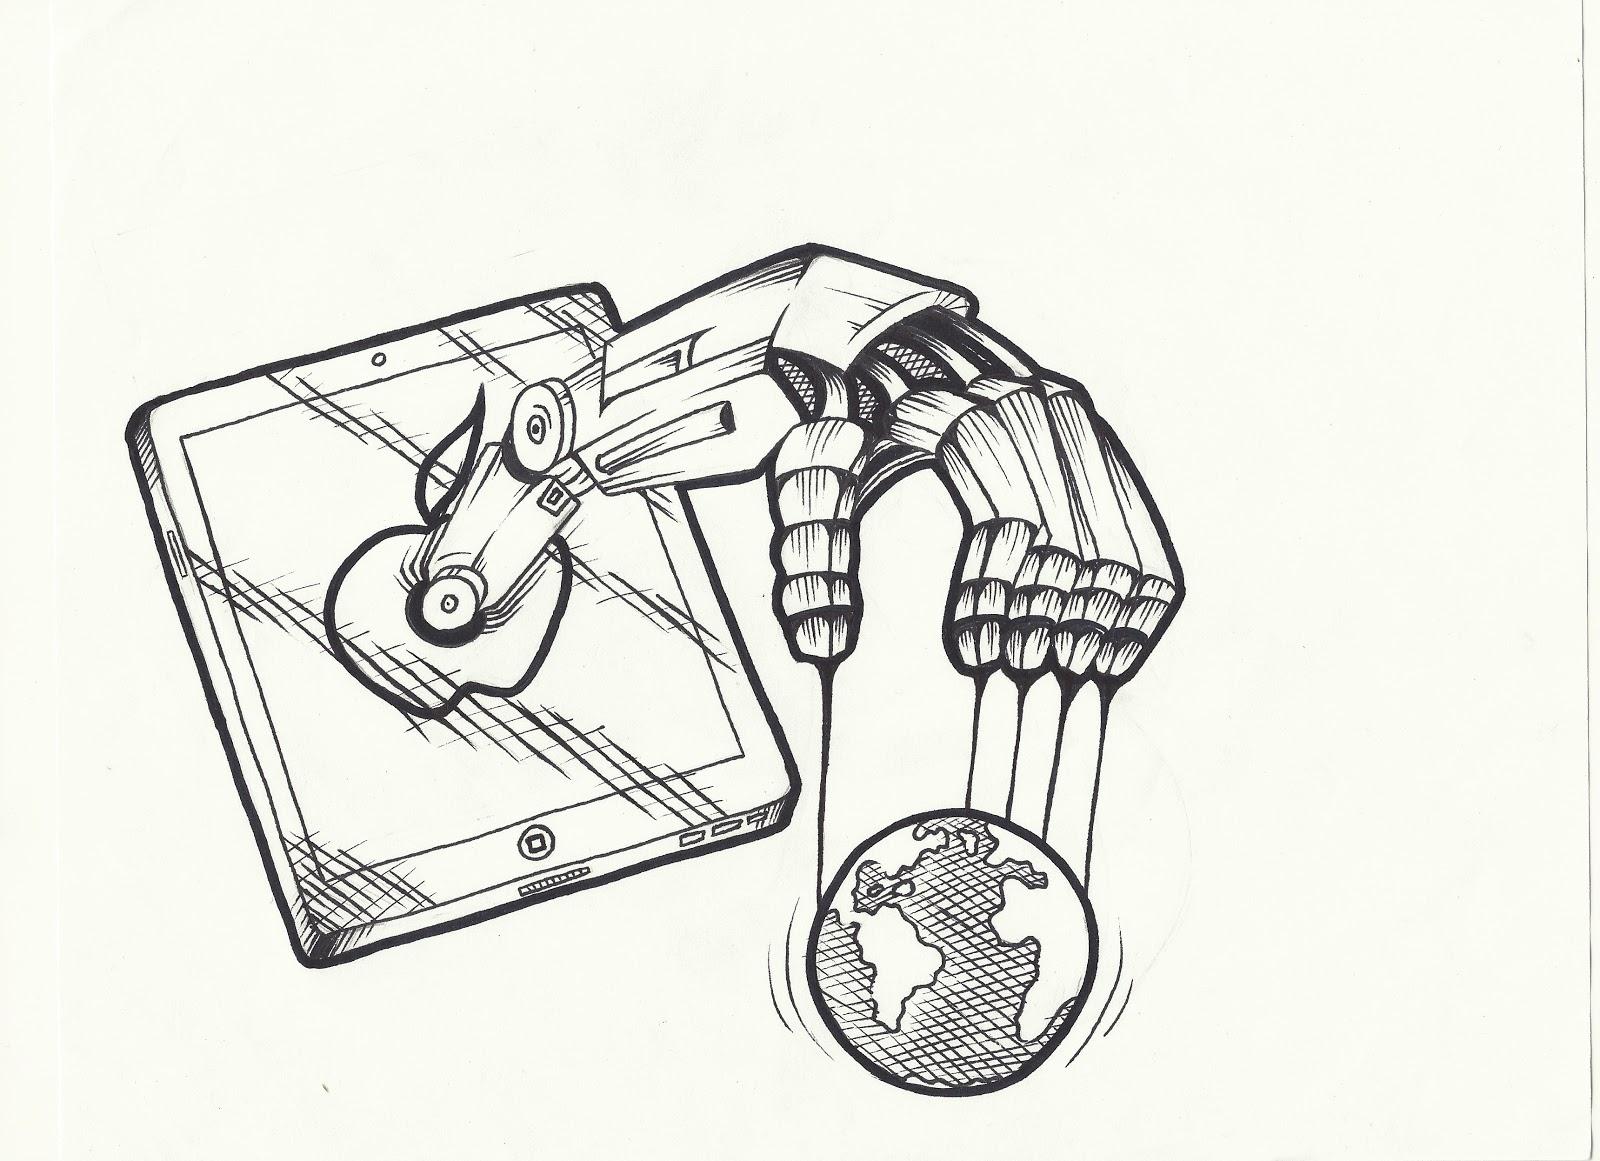 1600x1161 Utopian And Dystopian Elements Of I, Robot Pols241 Political